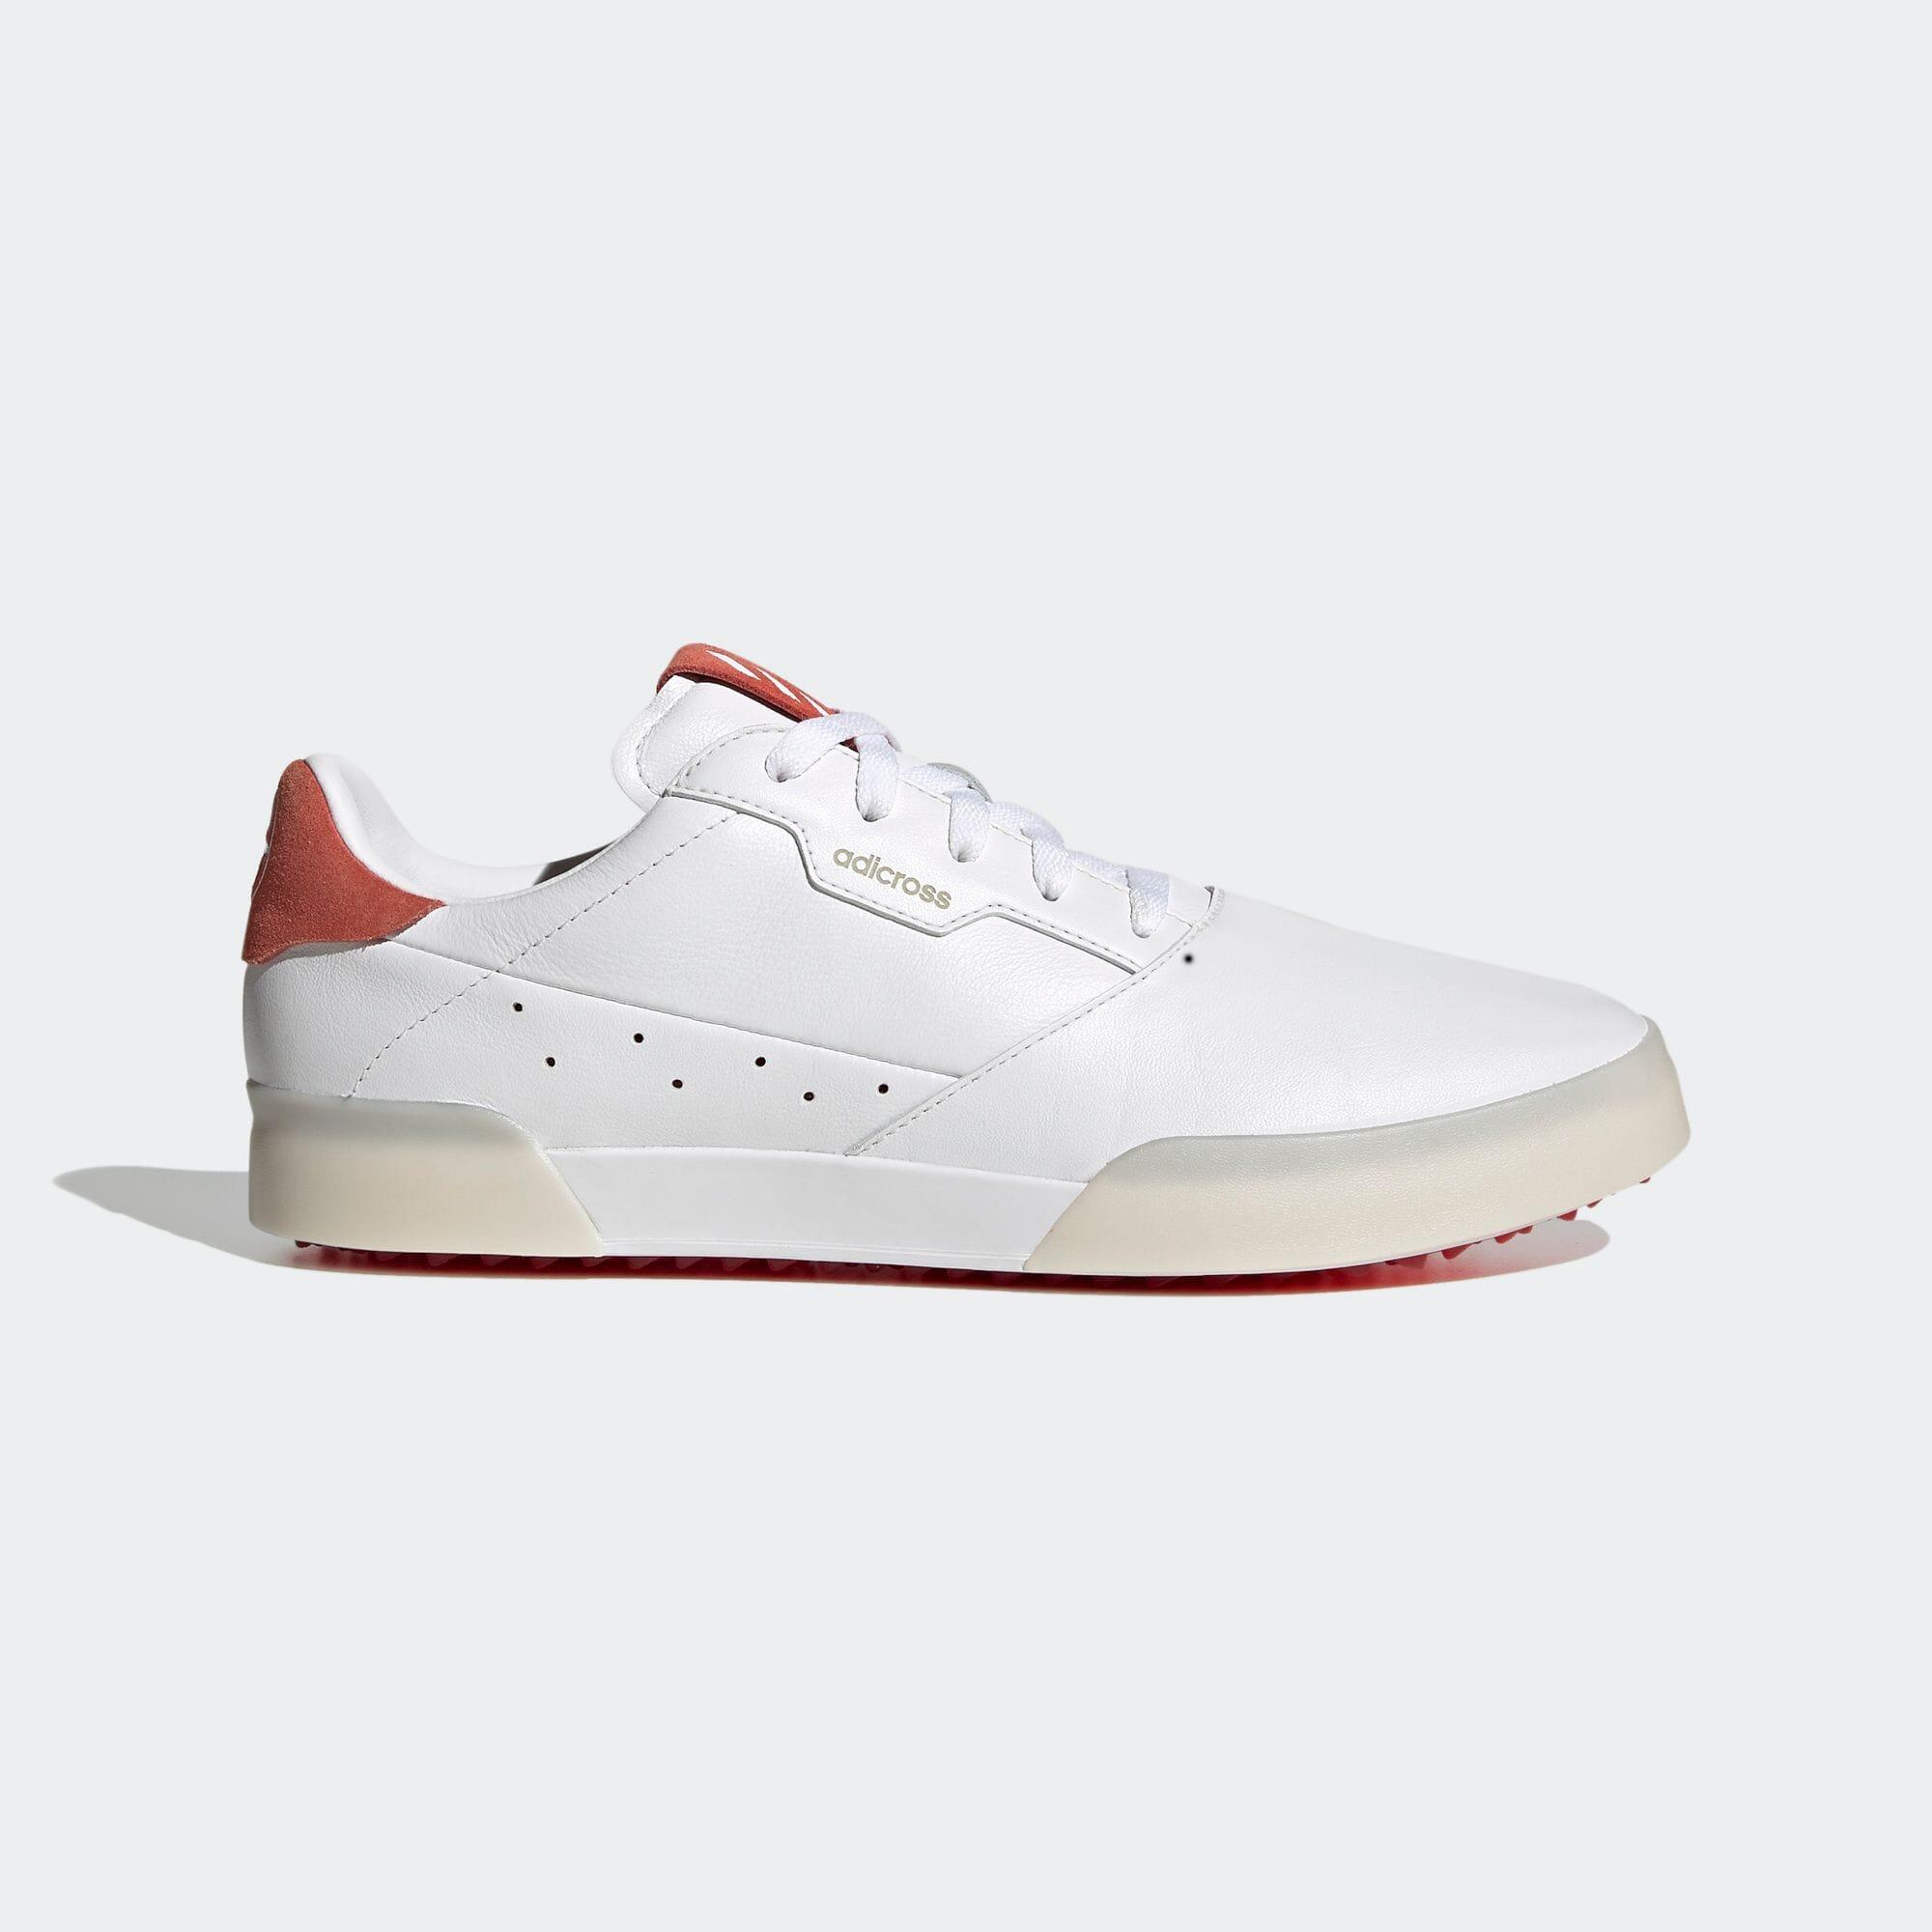 アディクロス レトロ アーセナル リミテッド・エディション / Adicross Retro Golf Shoes Arsenal LE